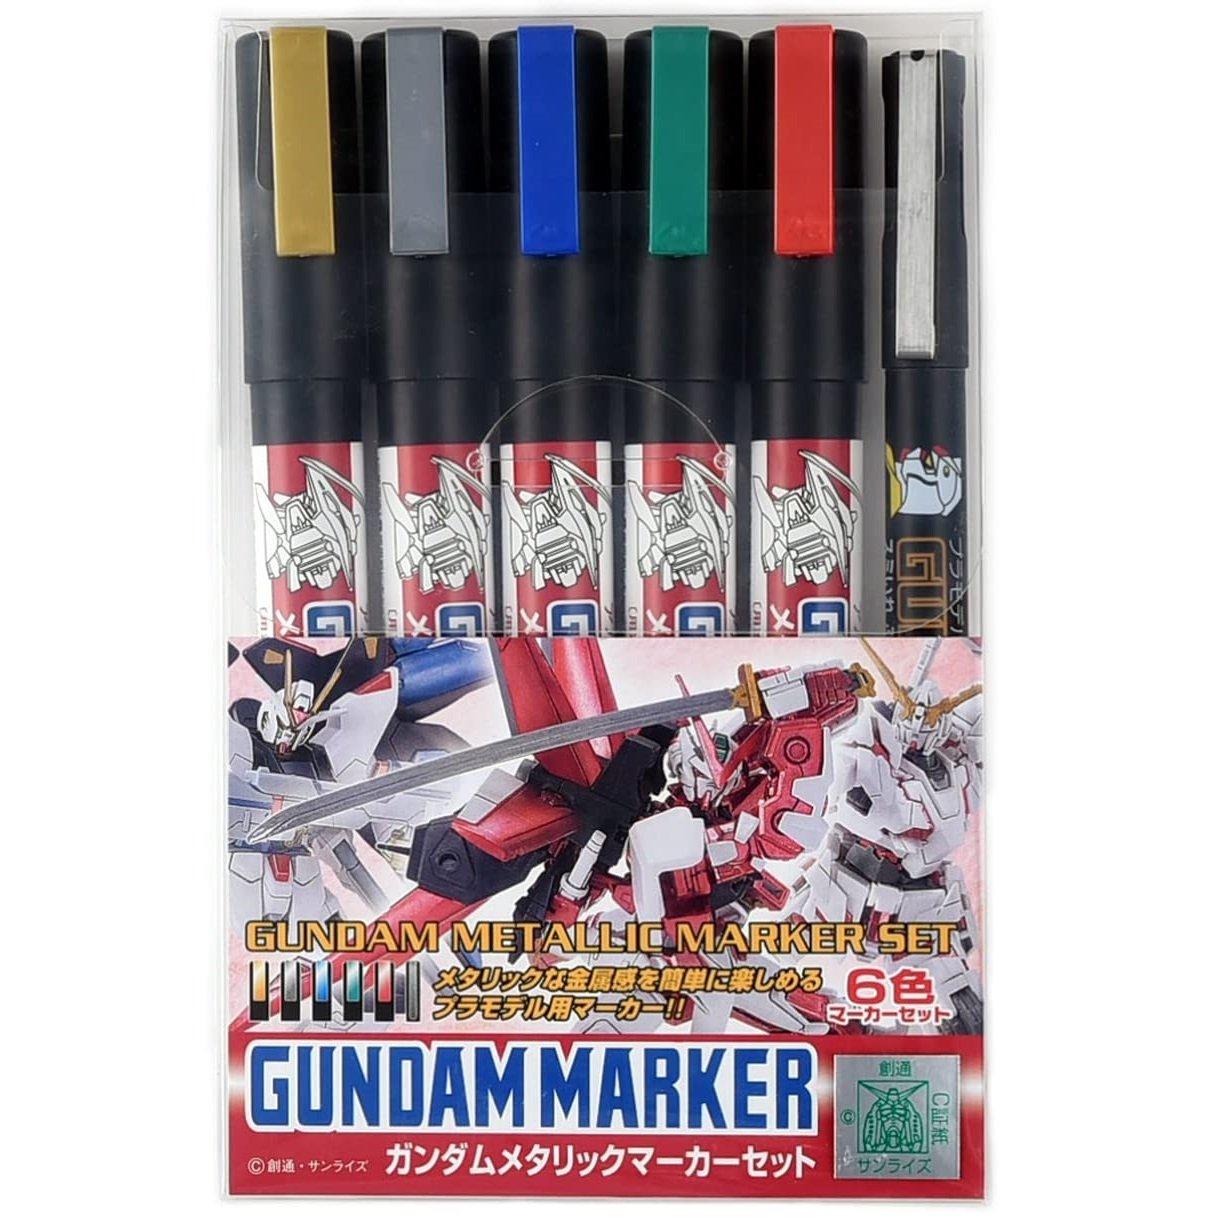 鋼彈gundam組合模型麥克筆 GMS-121 金屬色套筆